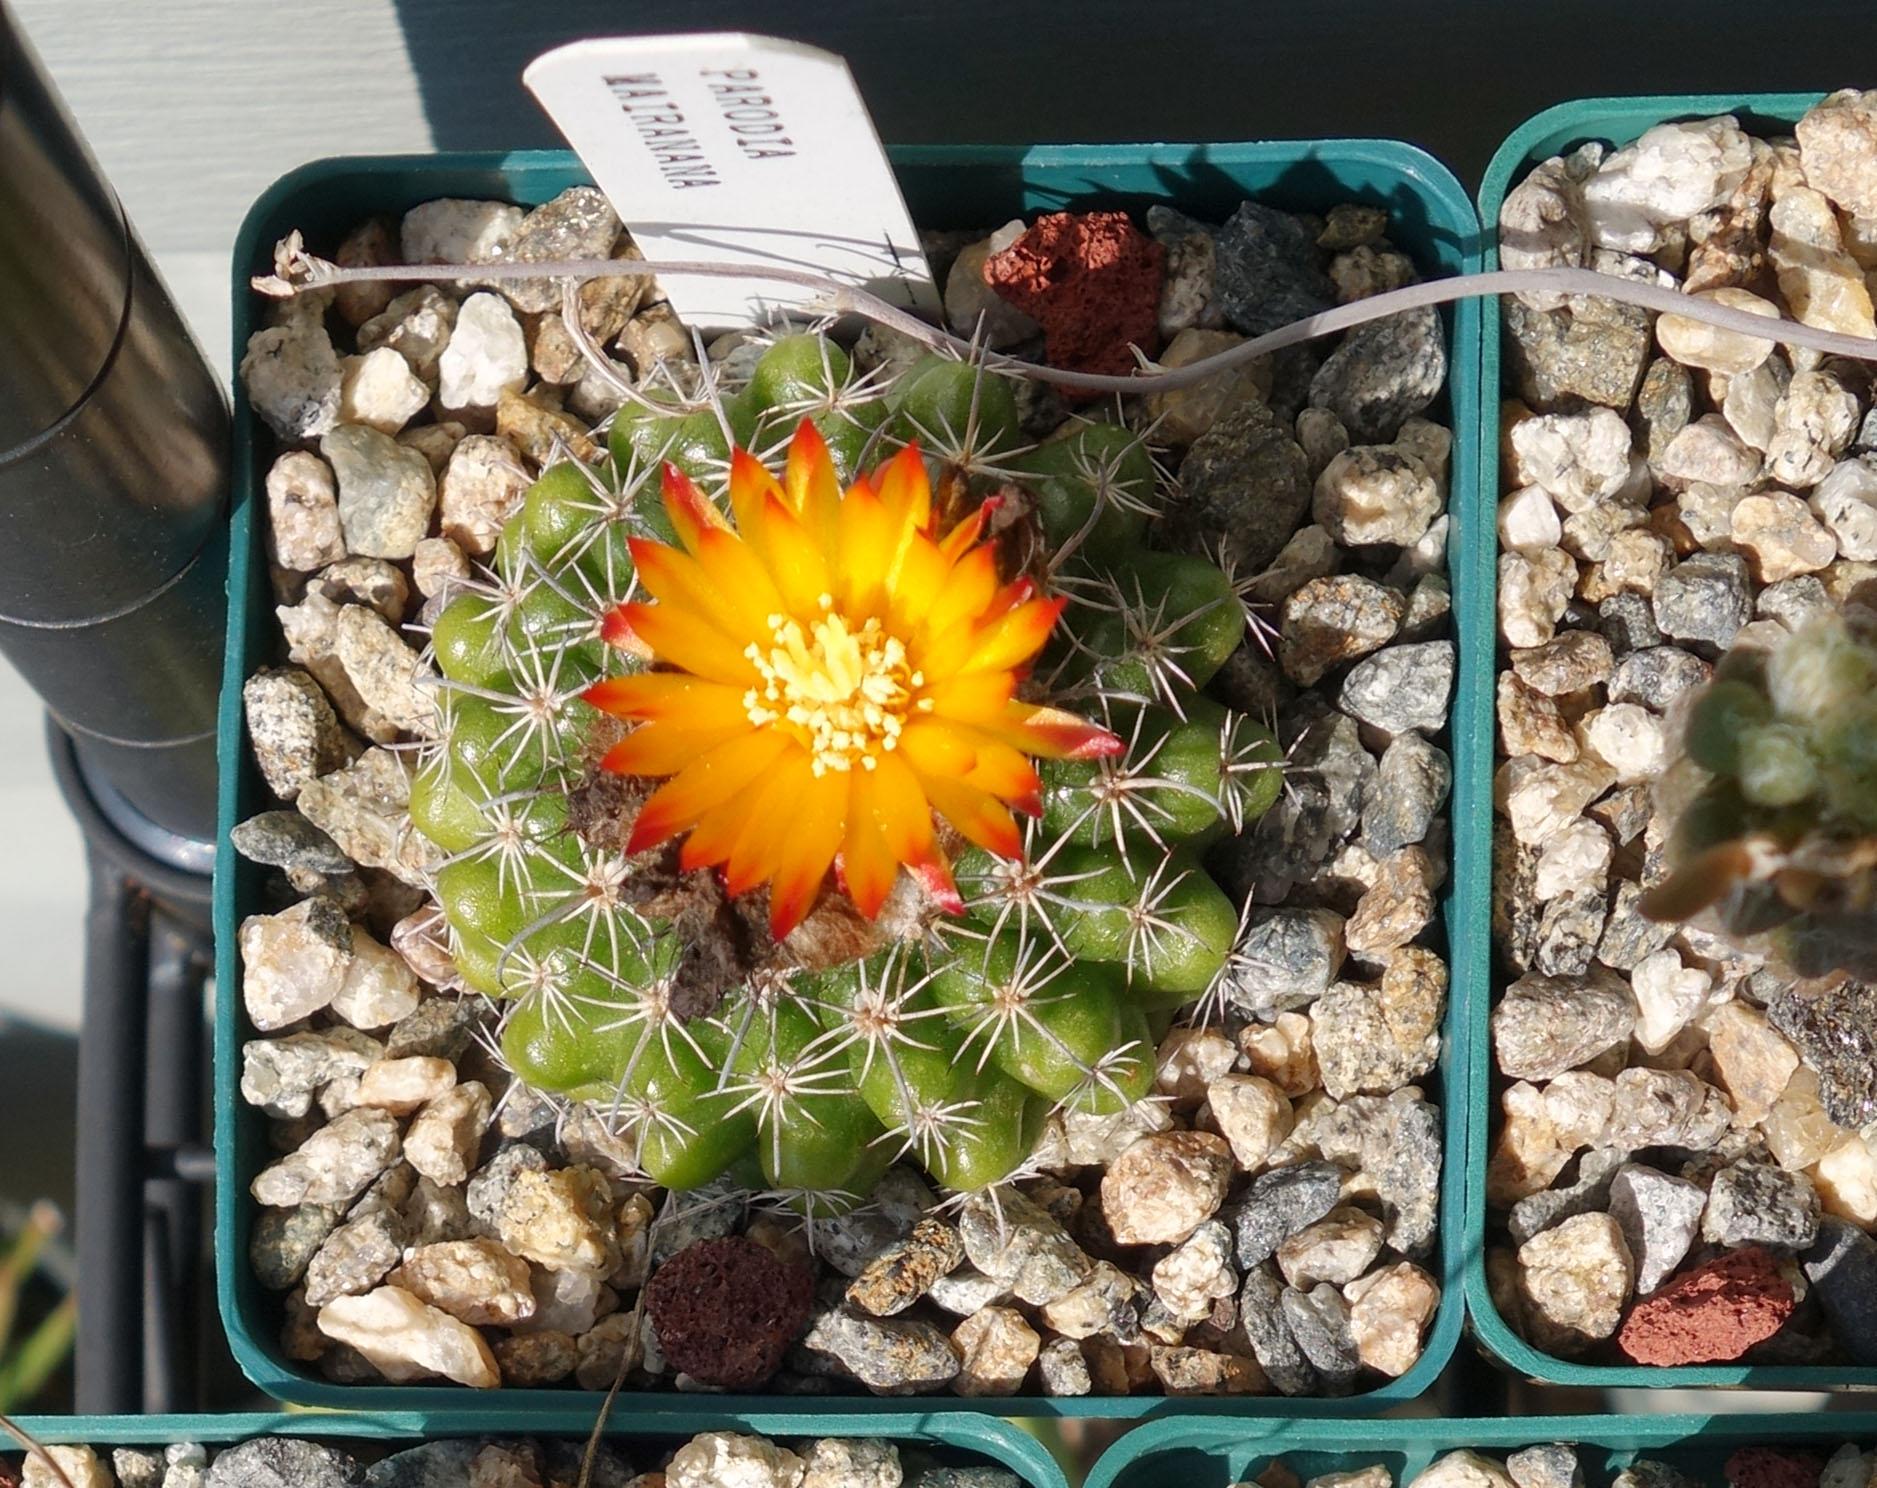 P mairanana 9-24-17 bloom.jpg